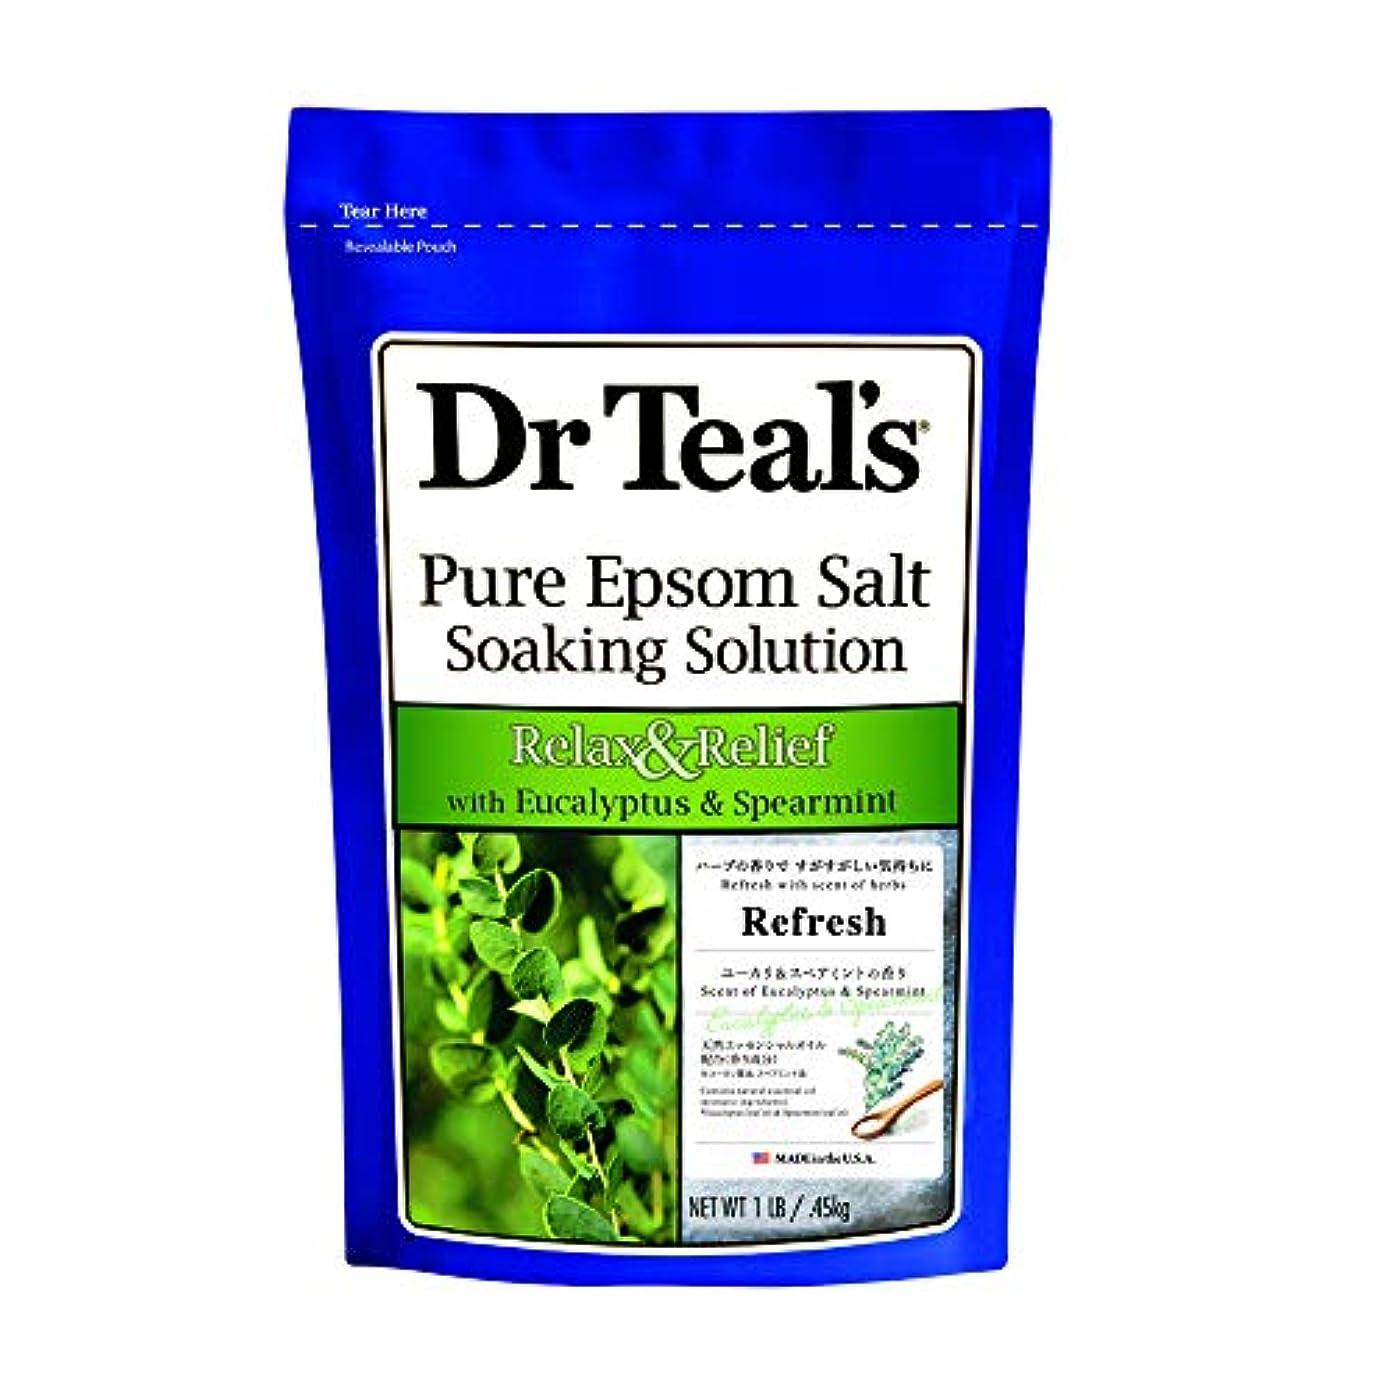 効能中央値陽気なDr Teal's(ティールズ) フレグランスエプソムソルト ユーカリ&スペアミント 入浴剤 453g